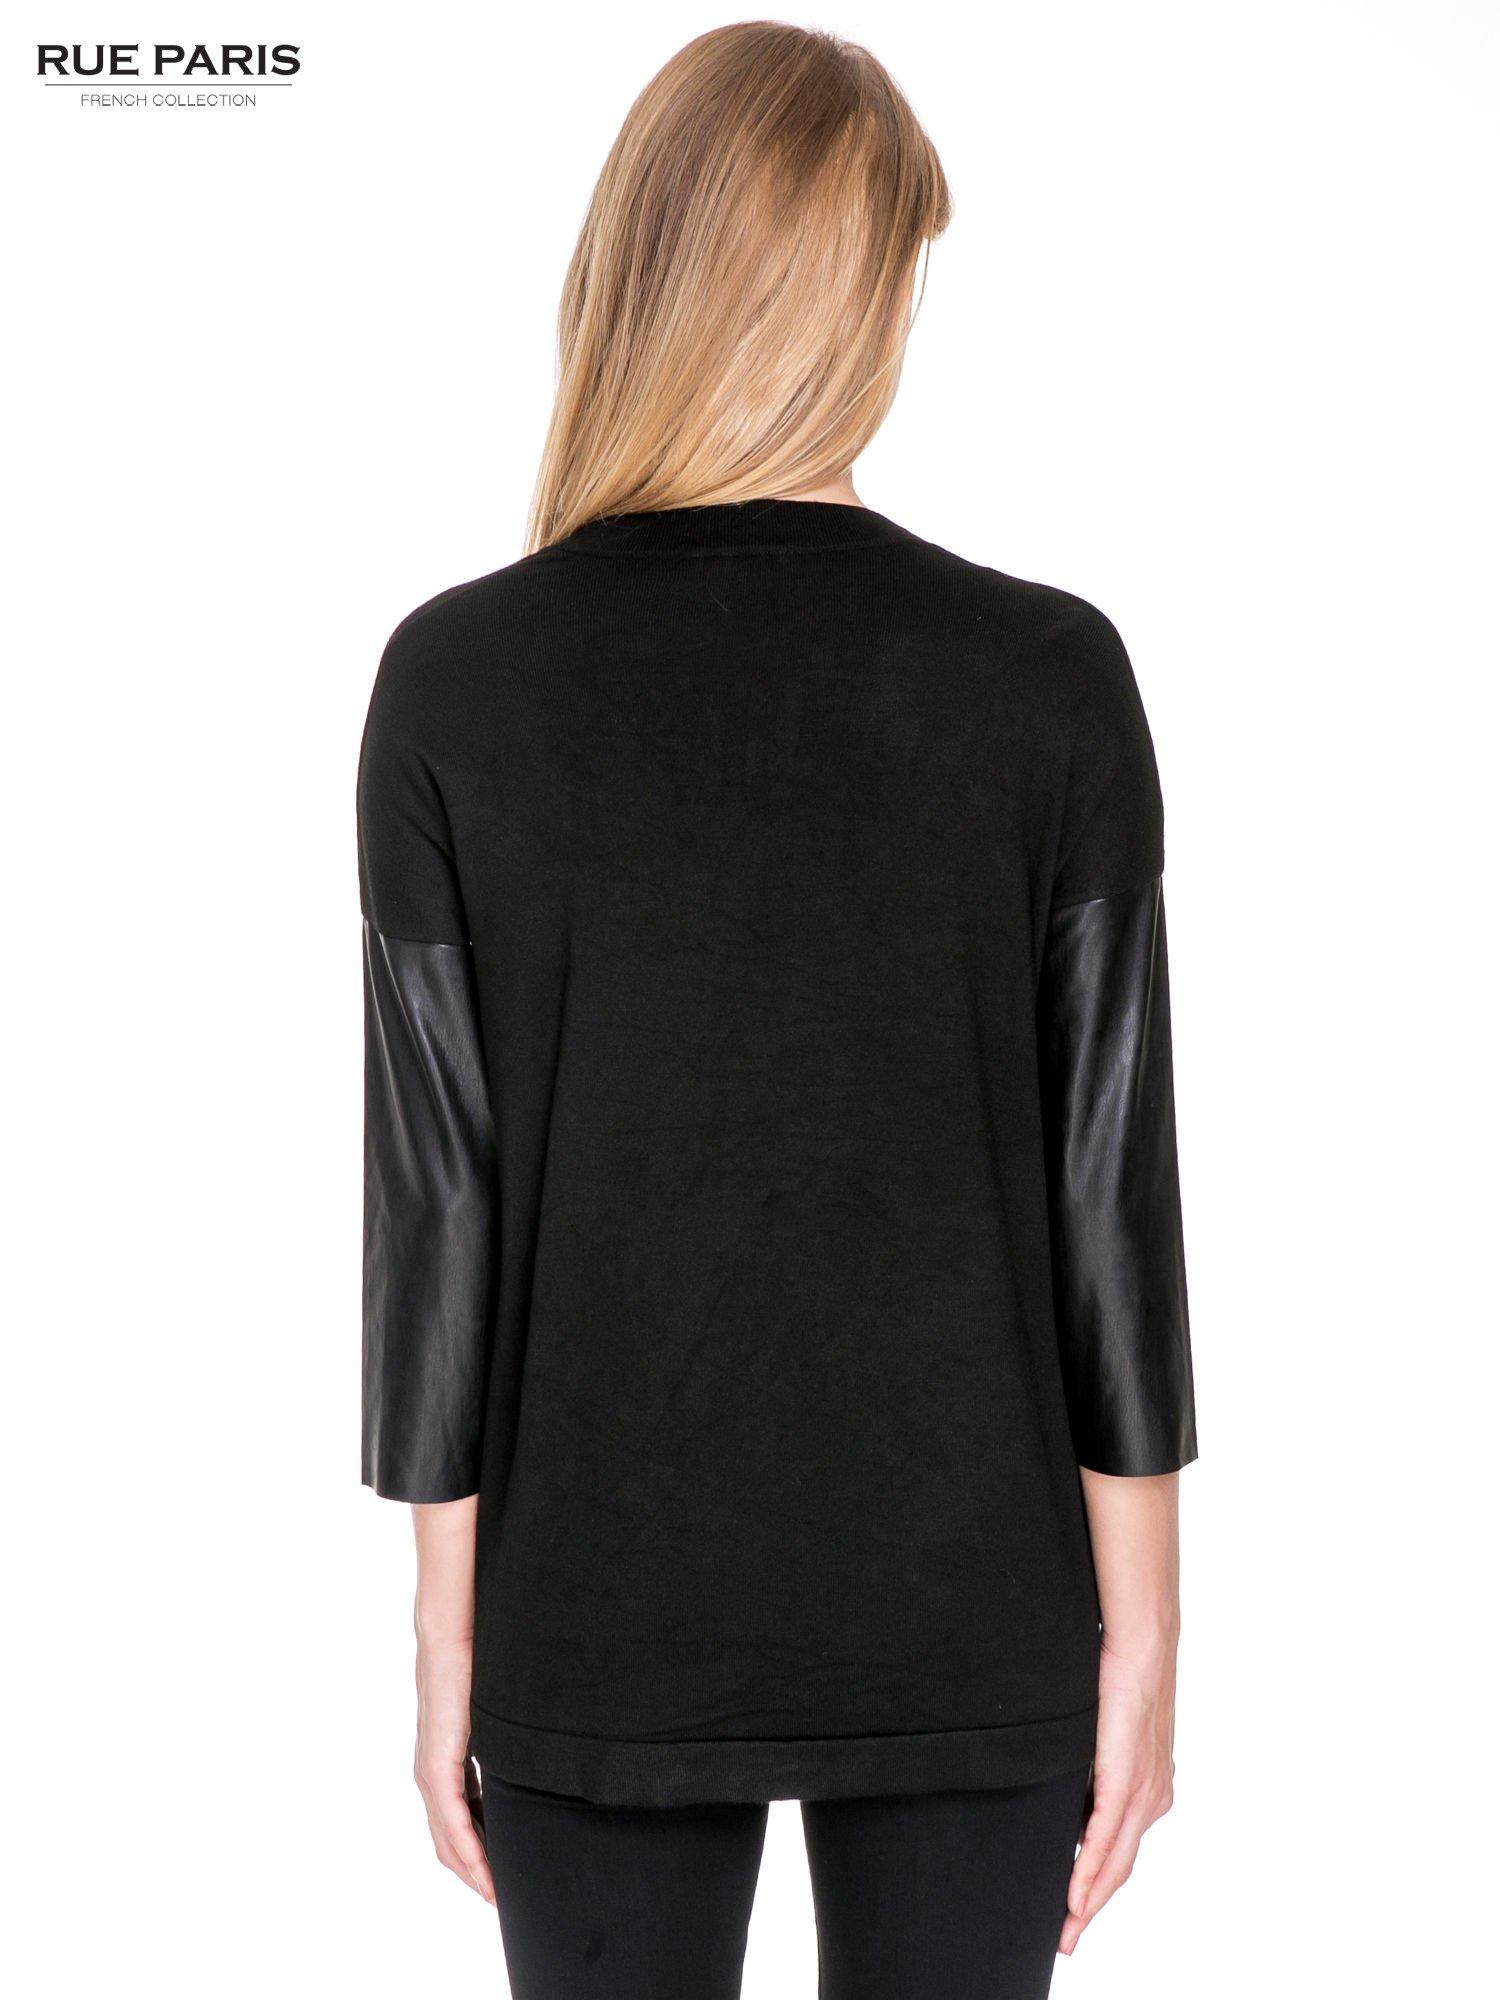 Czarny sweter kardigan ze skórzanym rękawami 3/4                                  zdj.                                  4